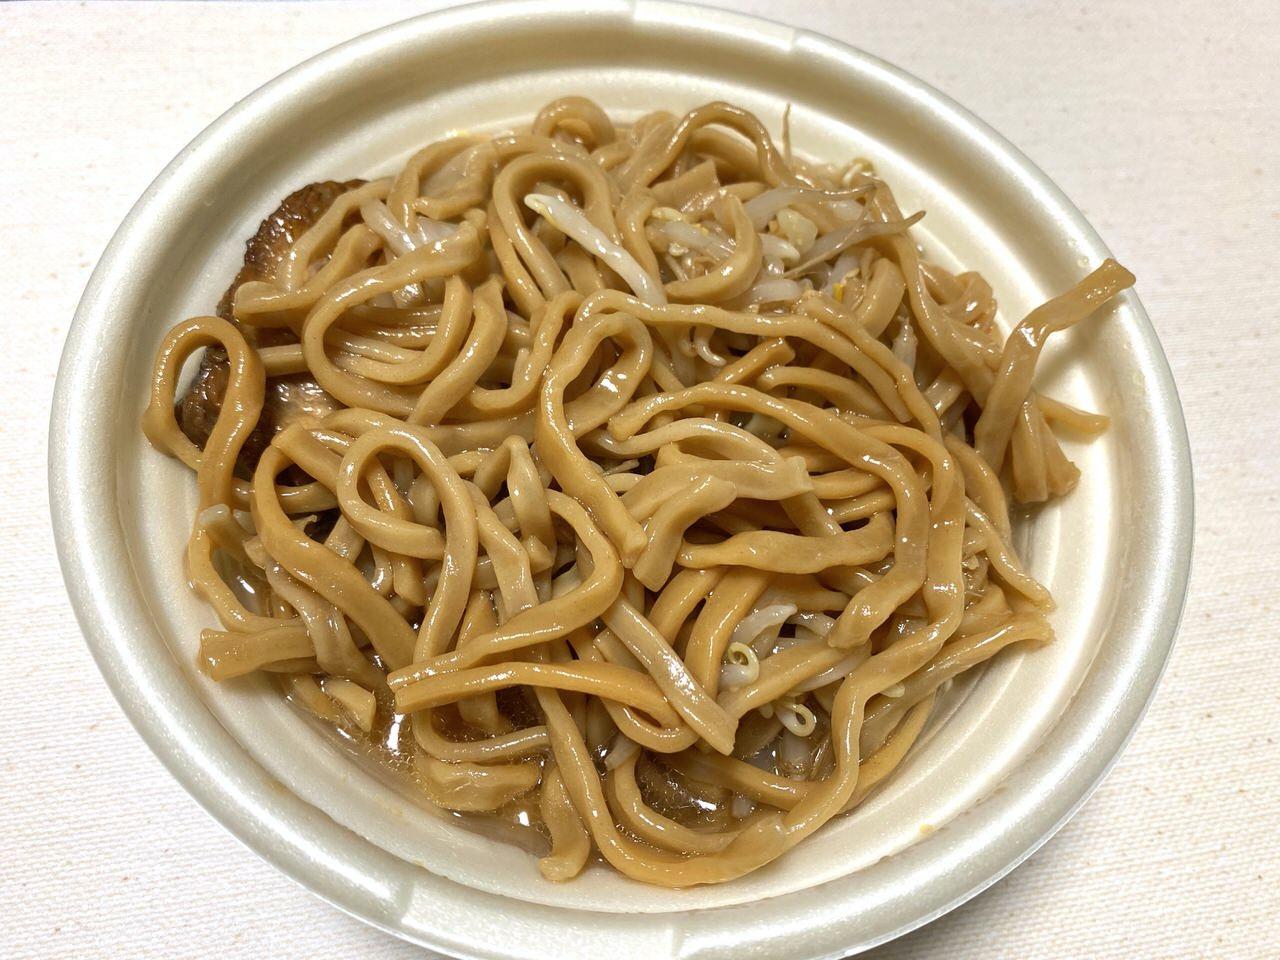 【セブンイレブン】二郎系ラーメン「中華蕎麦 とみ田監修 豚ラーメン」9